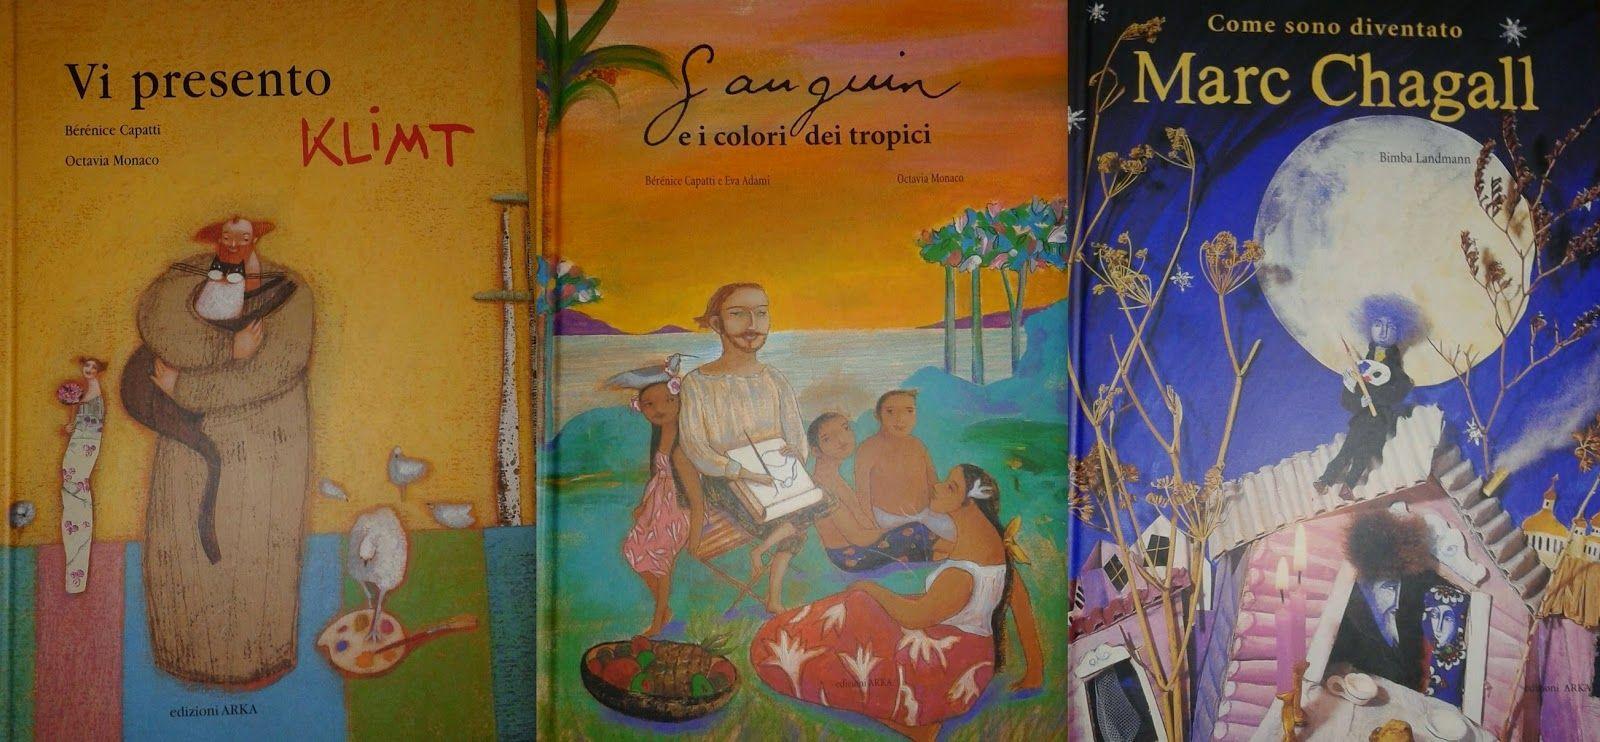 """Figli moderni: Bambini e arte: """"Vi presento Klimt"""", """"Gauguin e il colore dei tropici"""" e """"Come sono diventato Marc Chagall"""""""